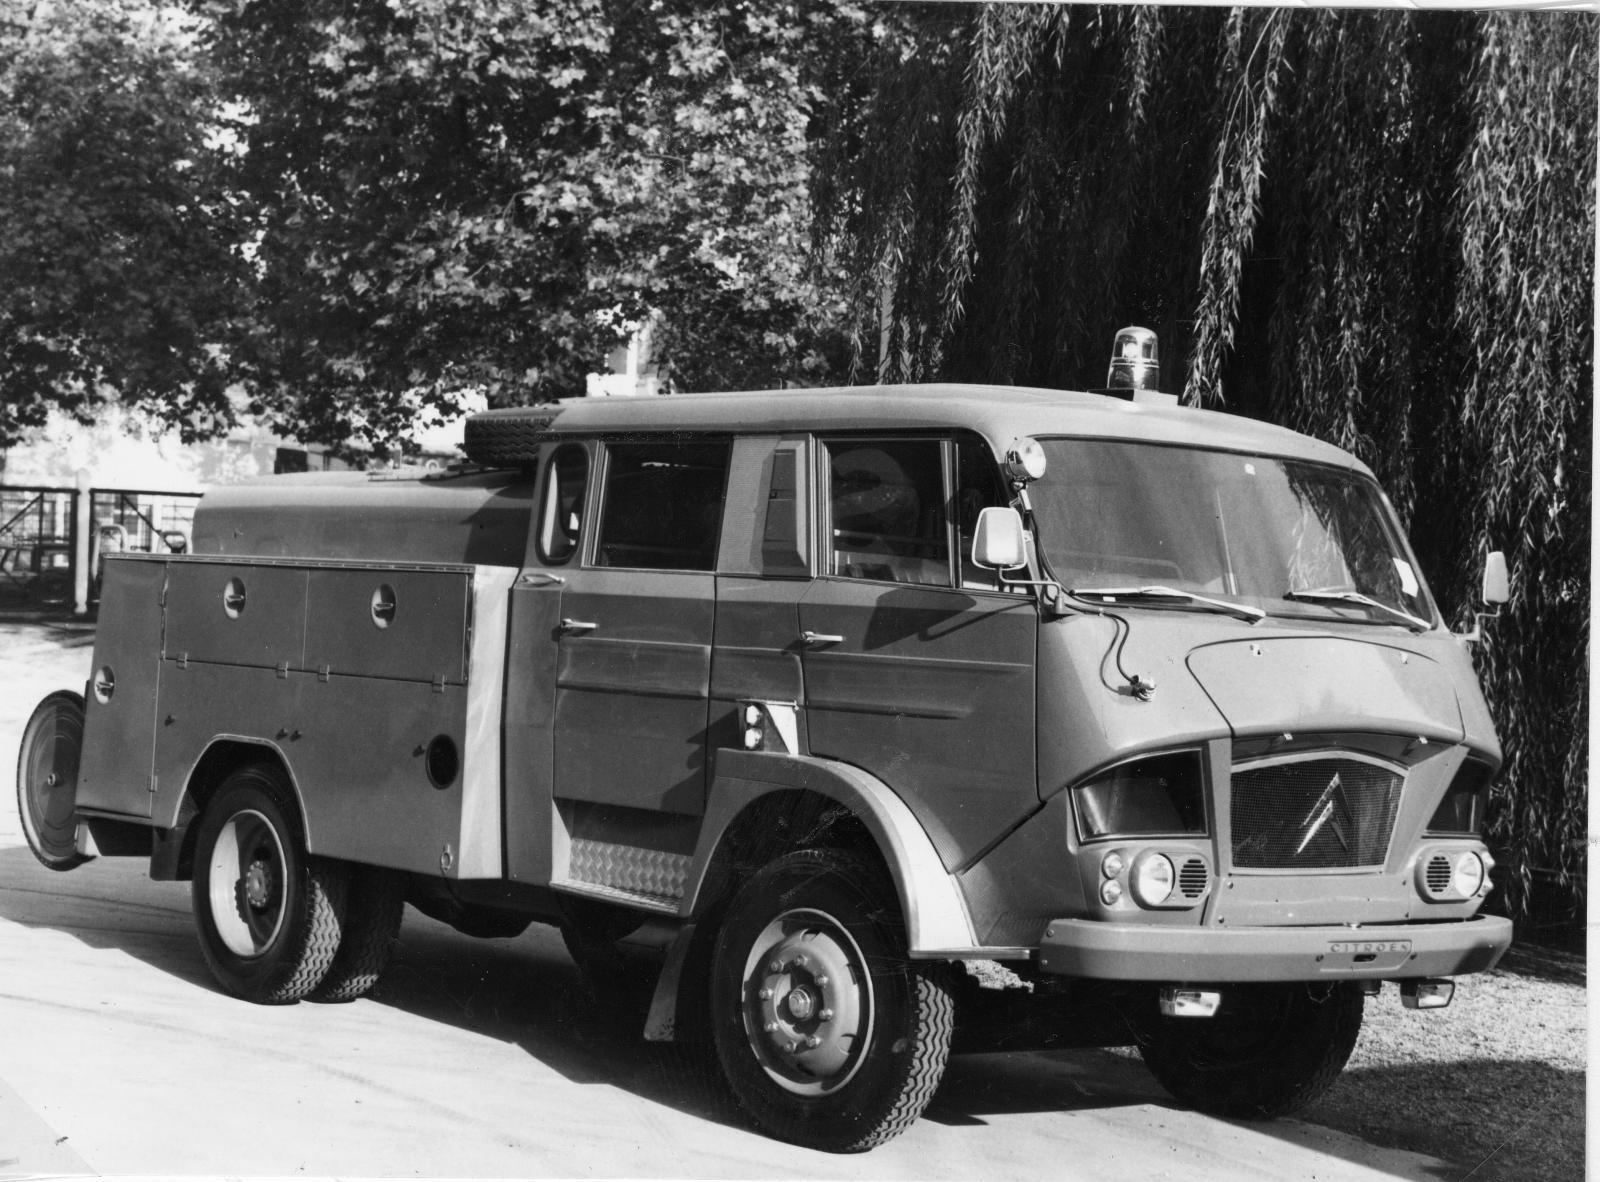 Грузовик типа 700, пожарный